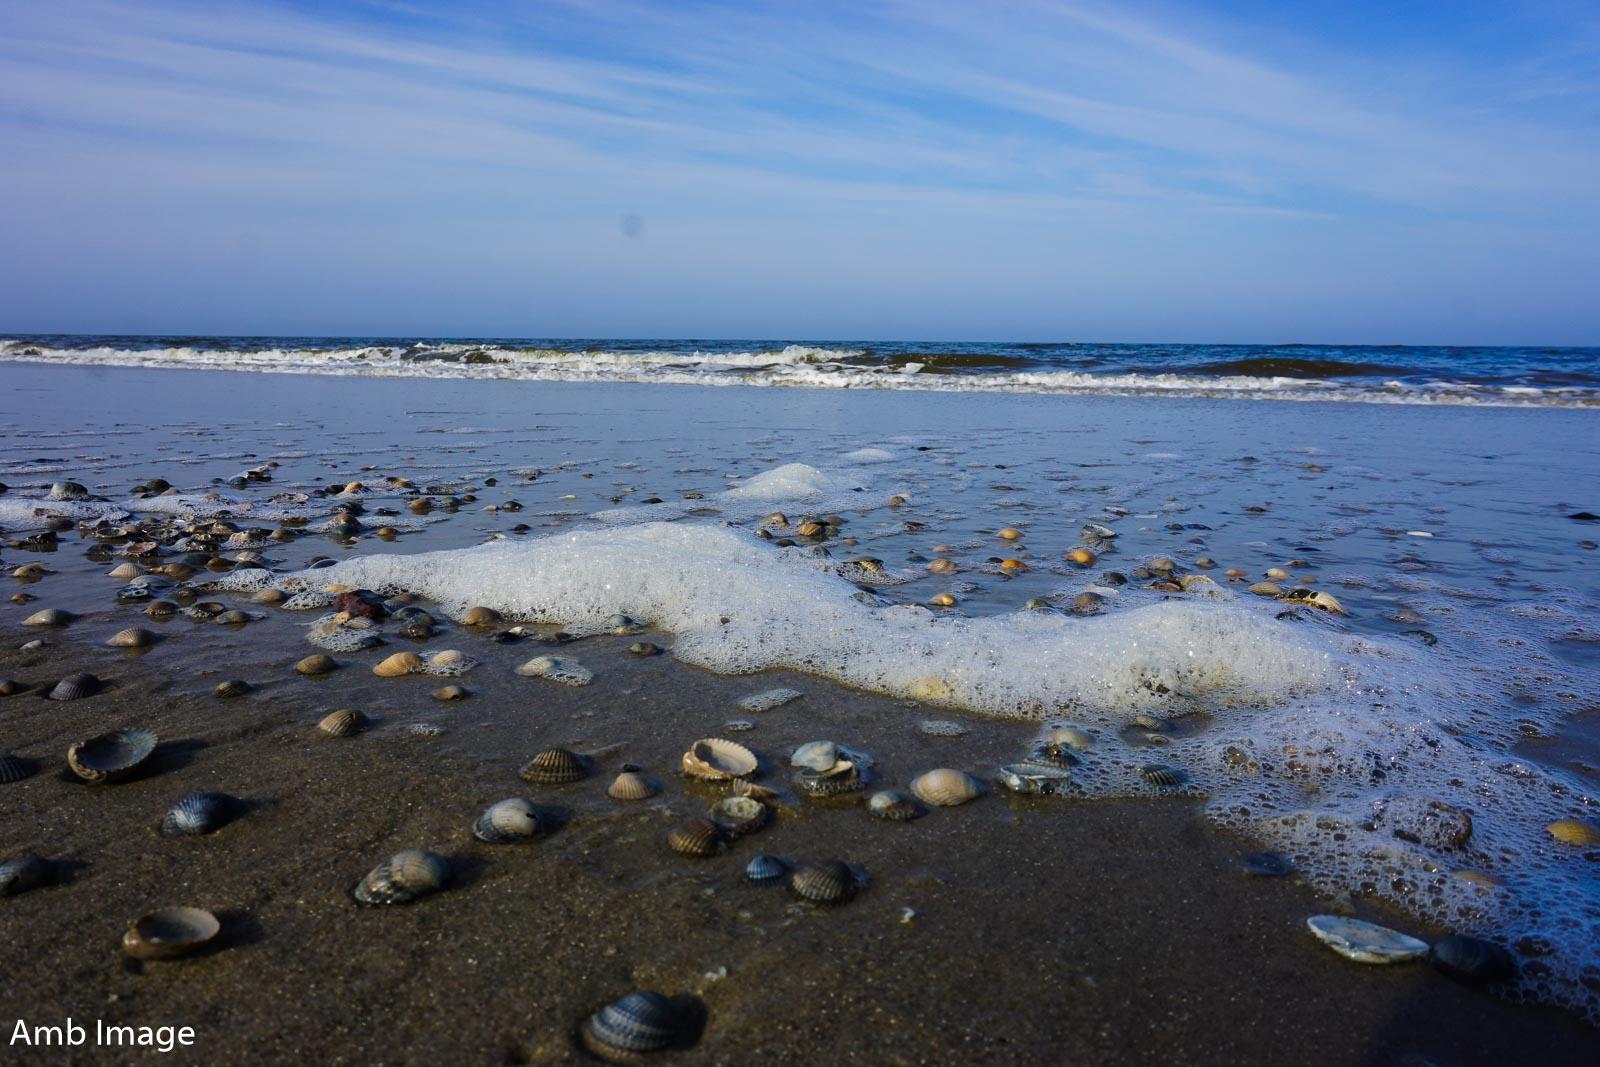 Welle mit Muscheln